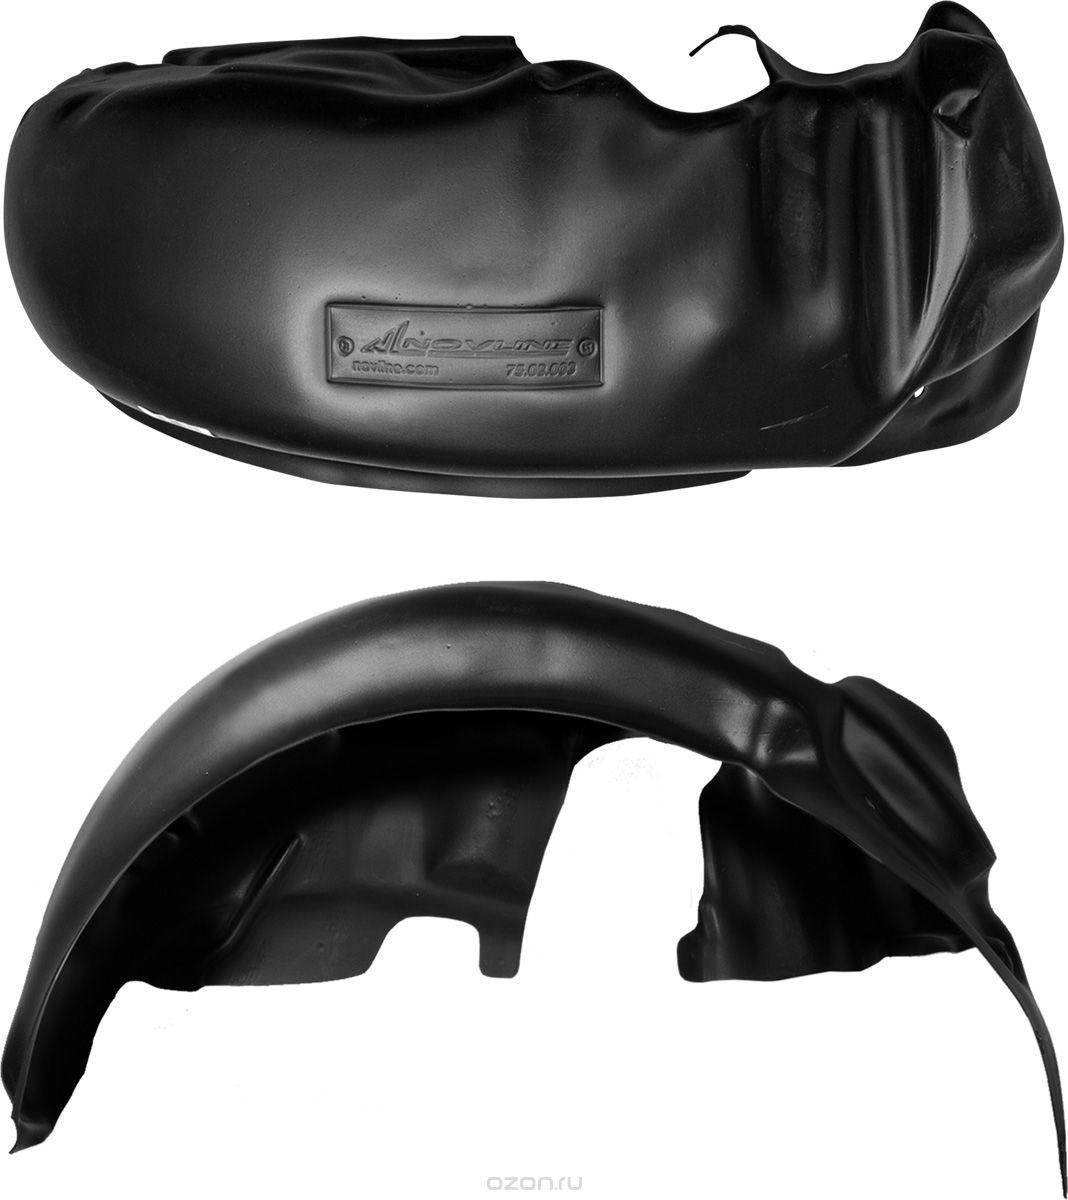 Подкрылок Novline-Autofamily, для Hyundai i30, 2007-2011, передний левыйNLL.20.28.001Идеальная защита колесной ниши. Локеры разработаны с применением цифровых технологий, гарантируют максимальную повторяемость поверхности арки. Изделия устанавливаются без нарушения лакокрасочного покрытия автомобиля, каждый подкрылок комплектуется крепежом. Уважаемые клиенты, обращаем ваше внимание, что фотографии на подкрылки универсальные и не отражают реальную форму изделия. При этом само изделие идет точно под размер указанного автомобиля.